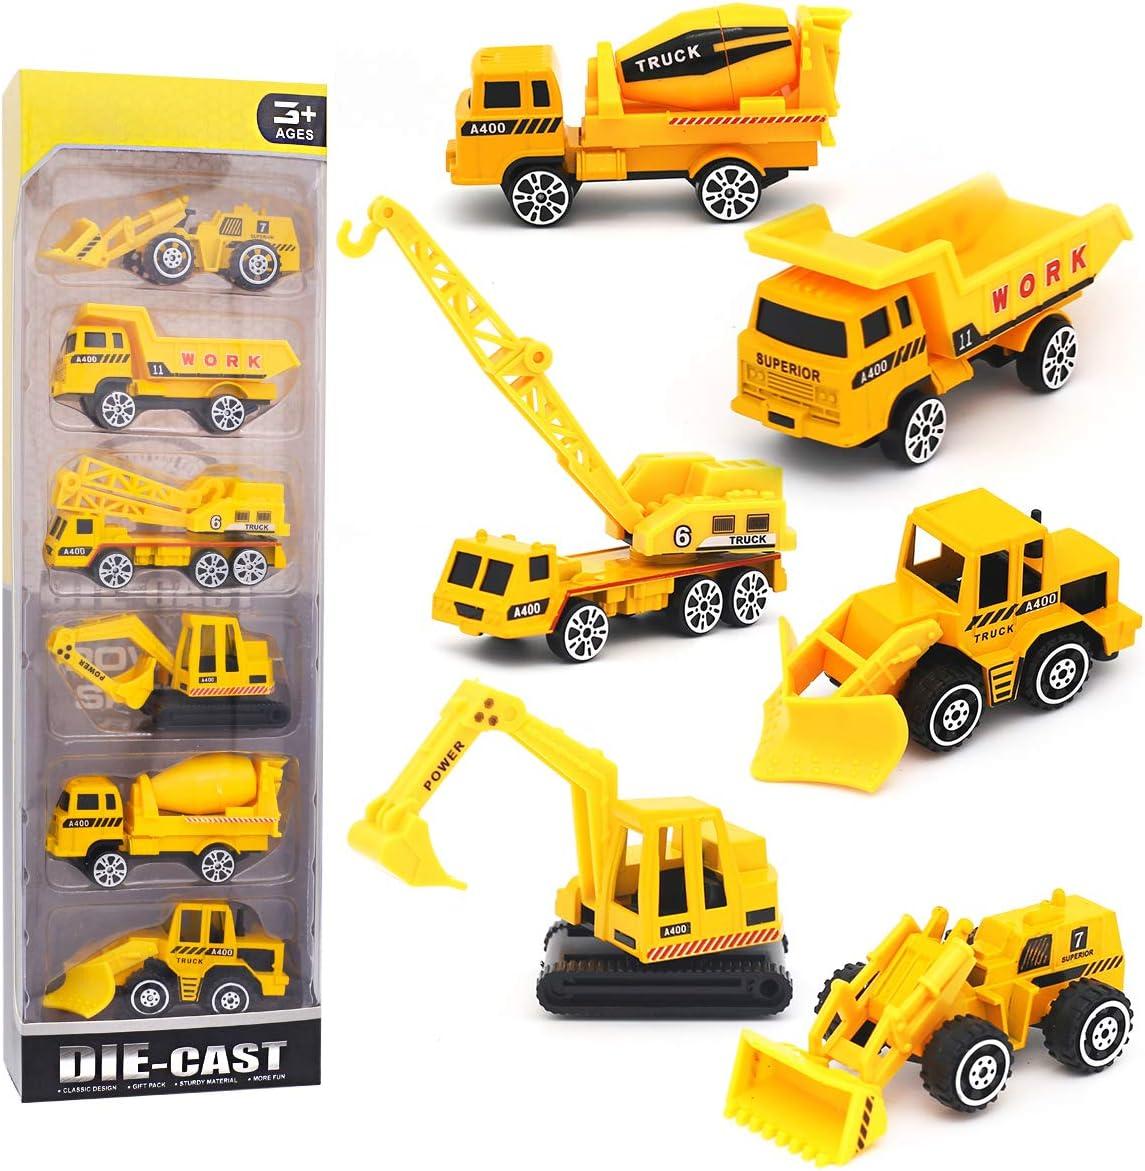 Pequeños Camiones de Juguete Vehículos Excavadora de Aleación Juego de Autos para Niños 3 4 5 años